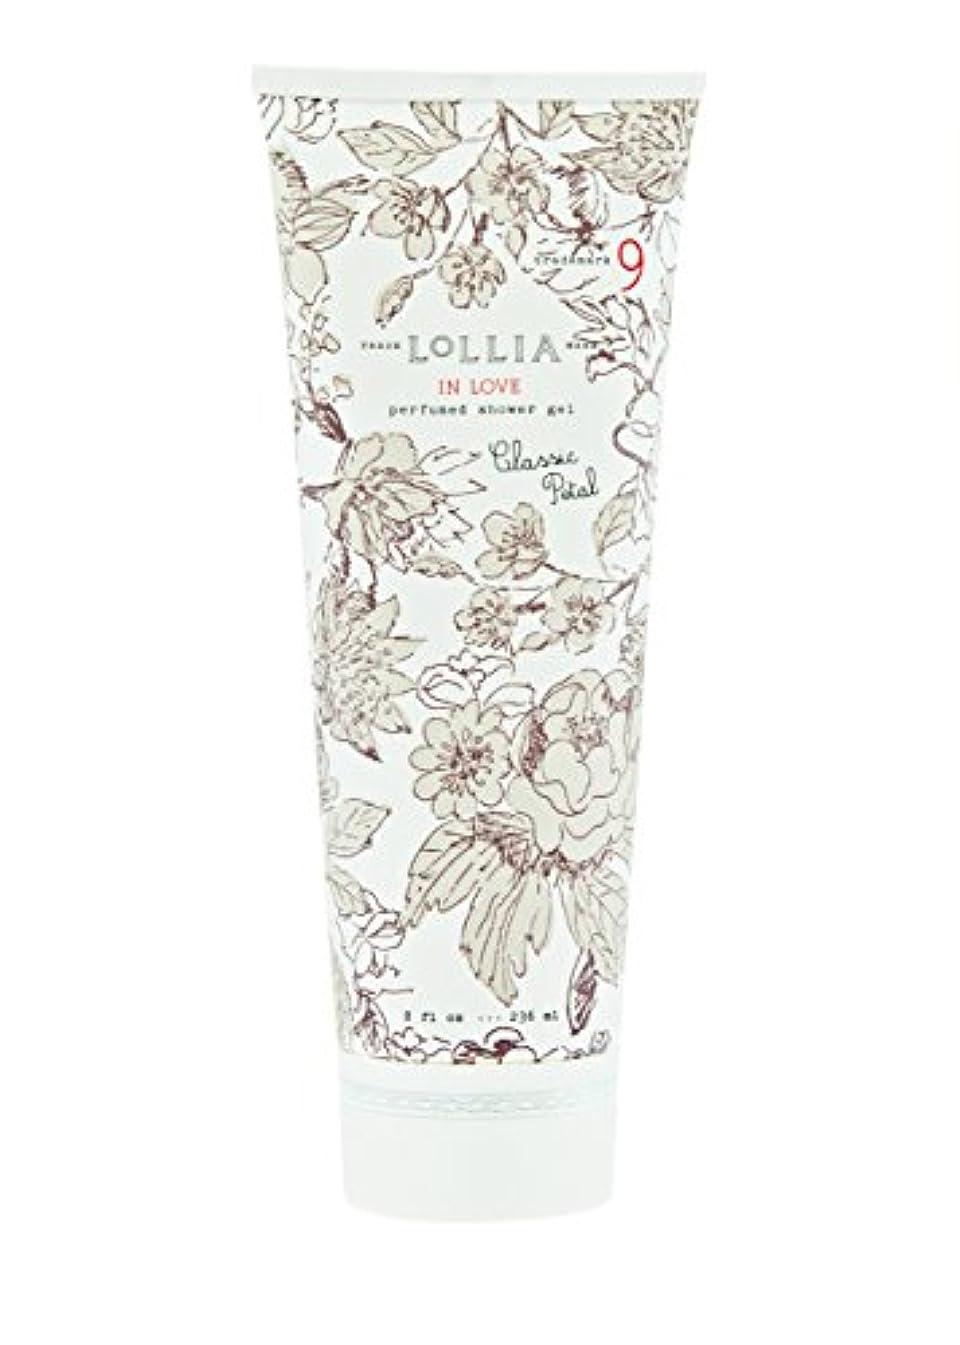 技術的な敗北メダルロリア(LoLLIA) パフュームドシャワージェル InLove 236ml(全身用洗浄料 ボディーソープ アップルブロッサム、ジャスミン、ローズのフルーティで爽やかな香り)